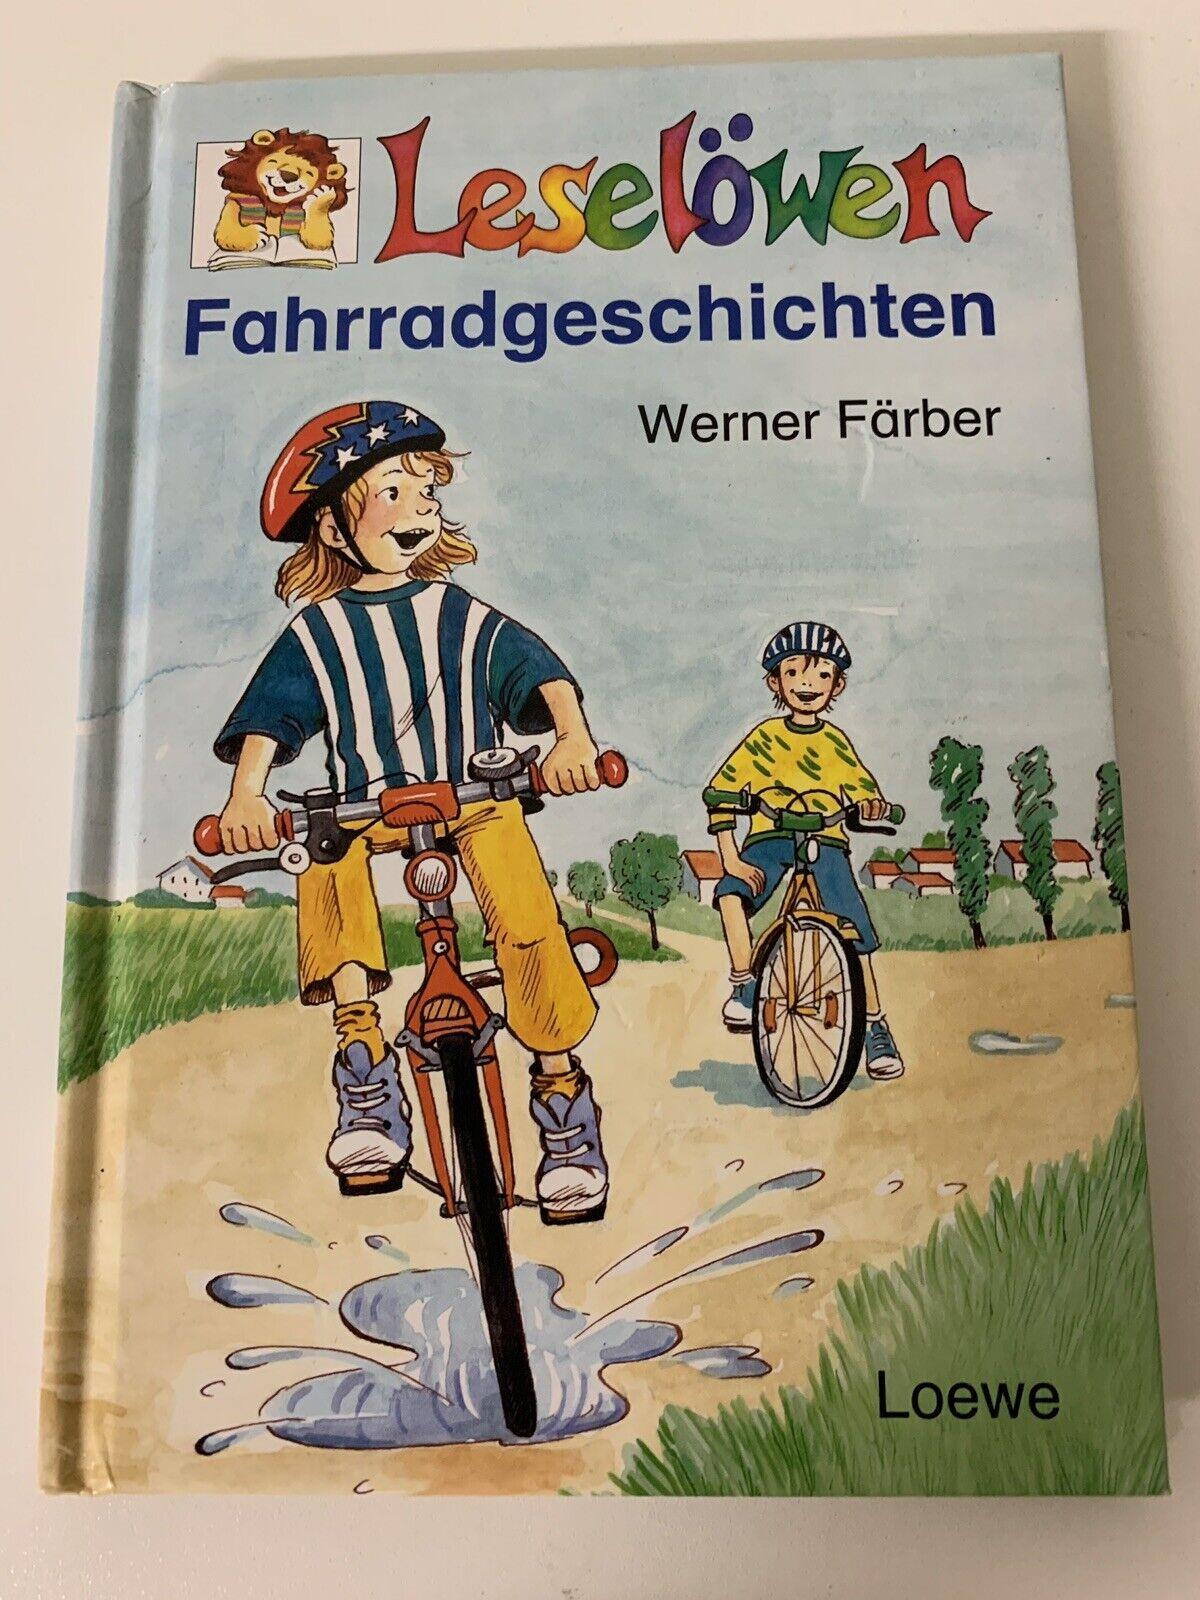 Leselöwen Fahrradgeschichten von Werner Färber - Werner Färber